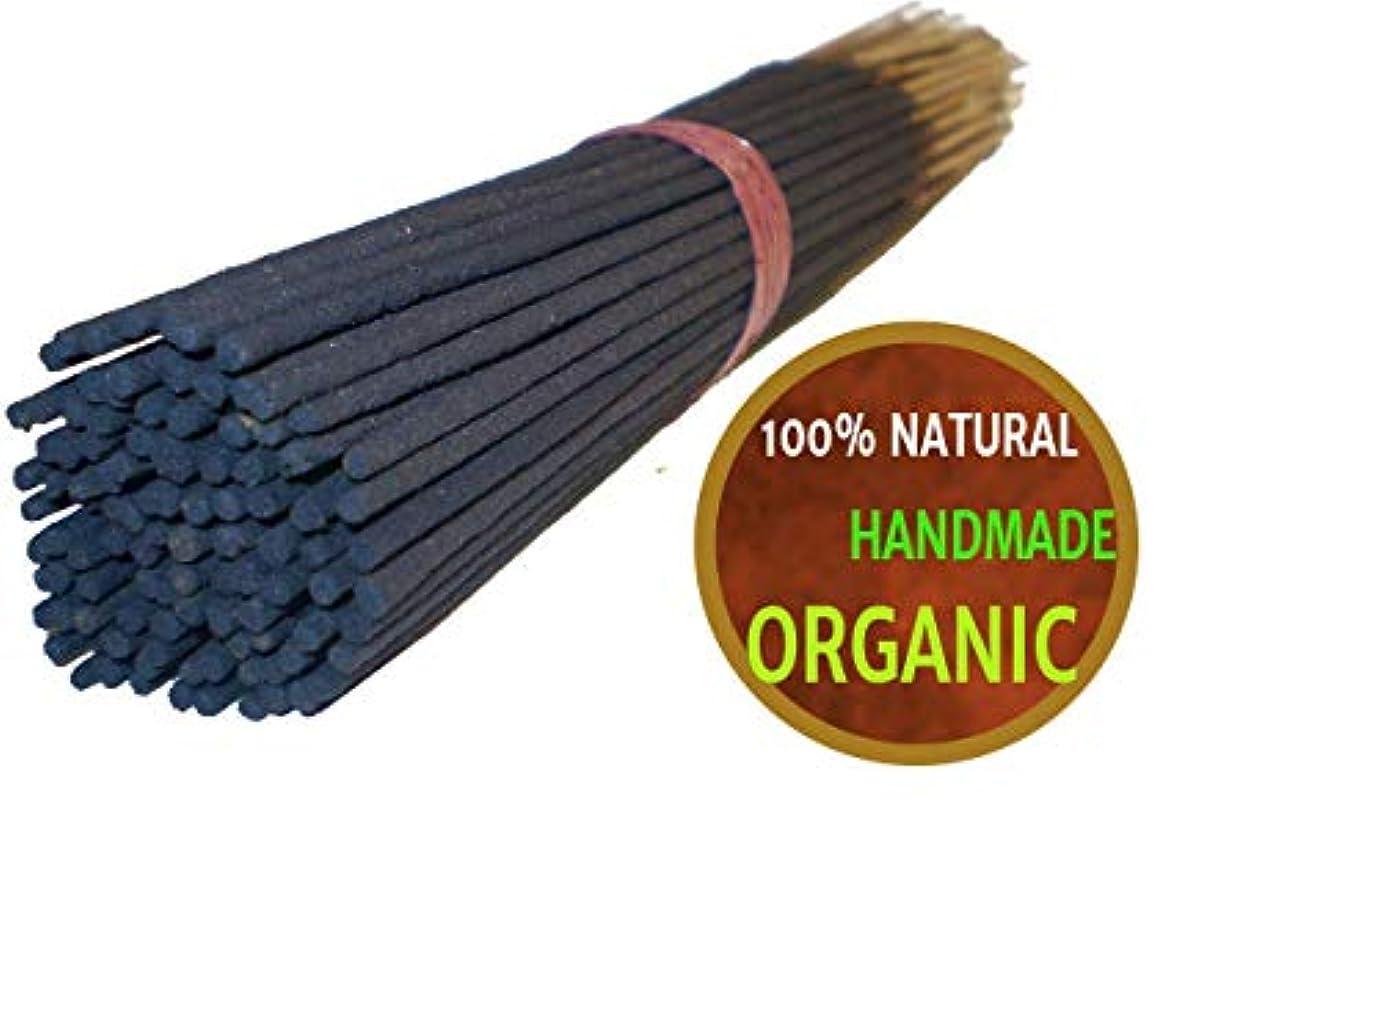 哲学博士普通の王女Yajna Frankincense And Myrrh 100% Natural Incense Sticks Handmade Hand Dipped The Best Woods Scent 100 Pack